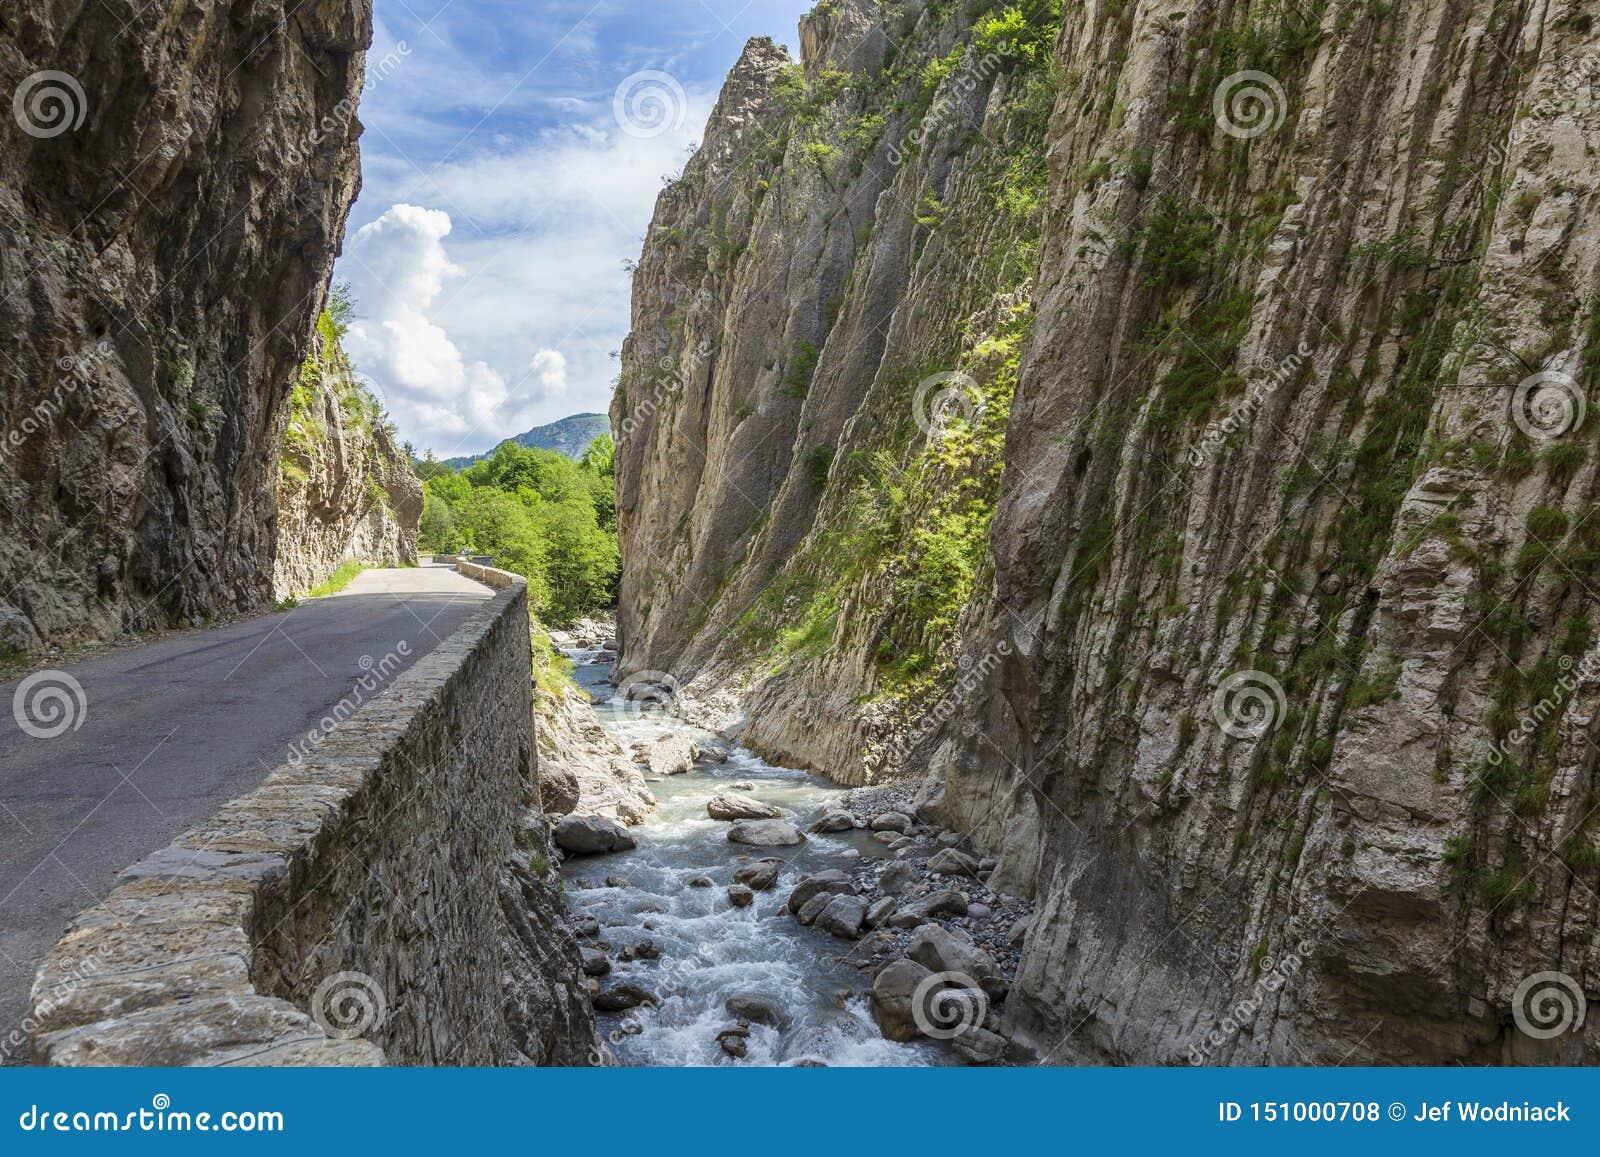 Route en Clue de Barles canyon de rivière de Bes près des bains de les de Digne